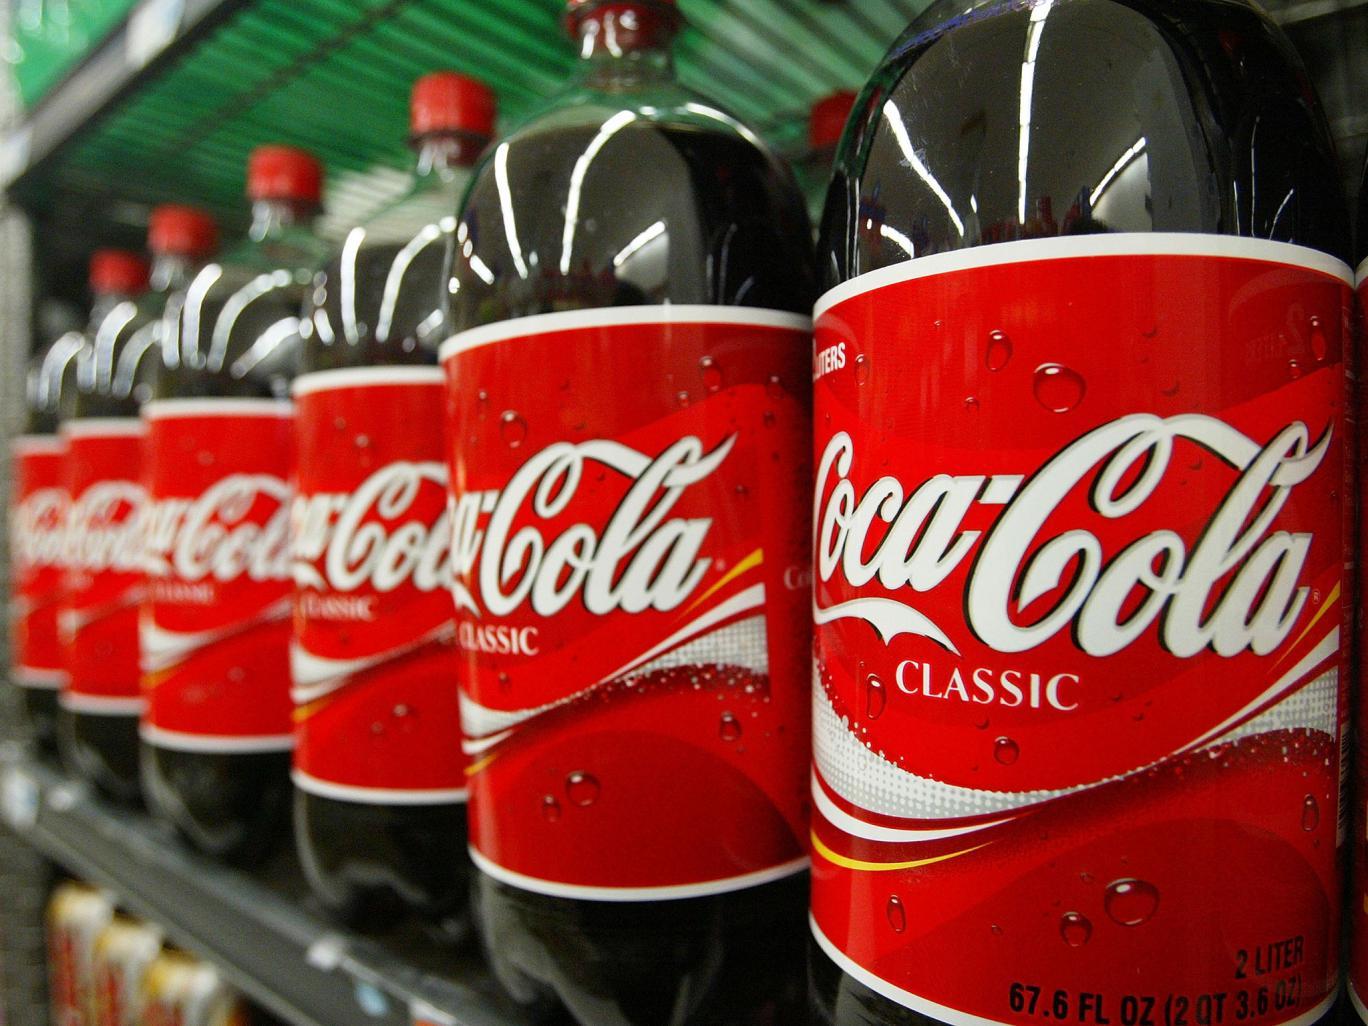 """شركة كوكاكولا تنتج مائة مليار زجاجة بلاستيكية أحادية الاستخدام كحد أقصى """"نقلاً عن جماعة السلام الأخضر"""""""